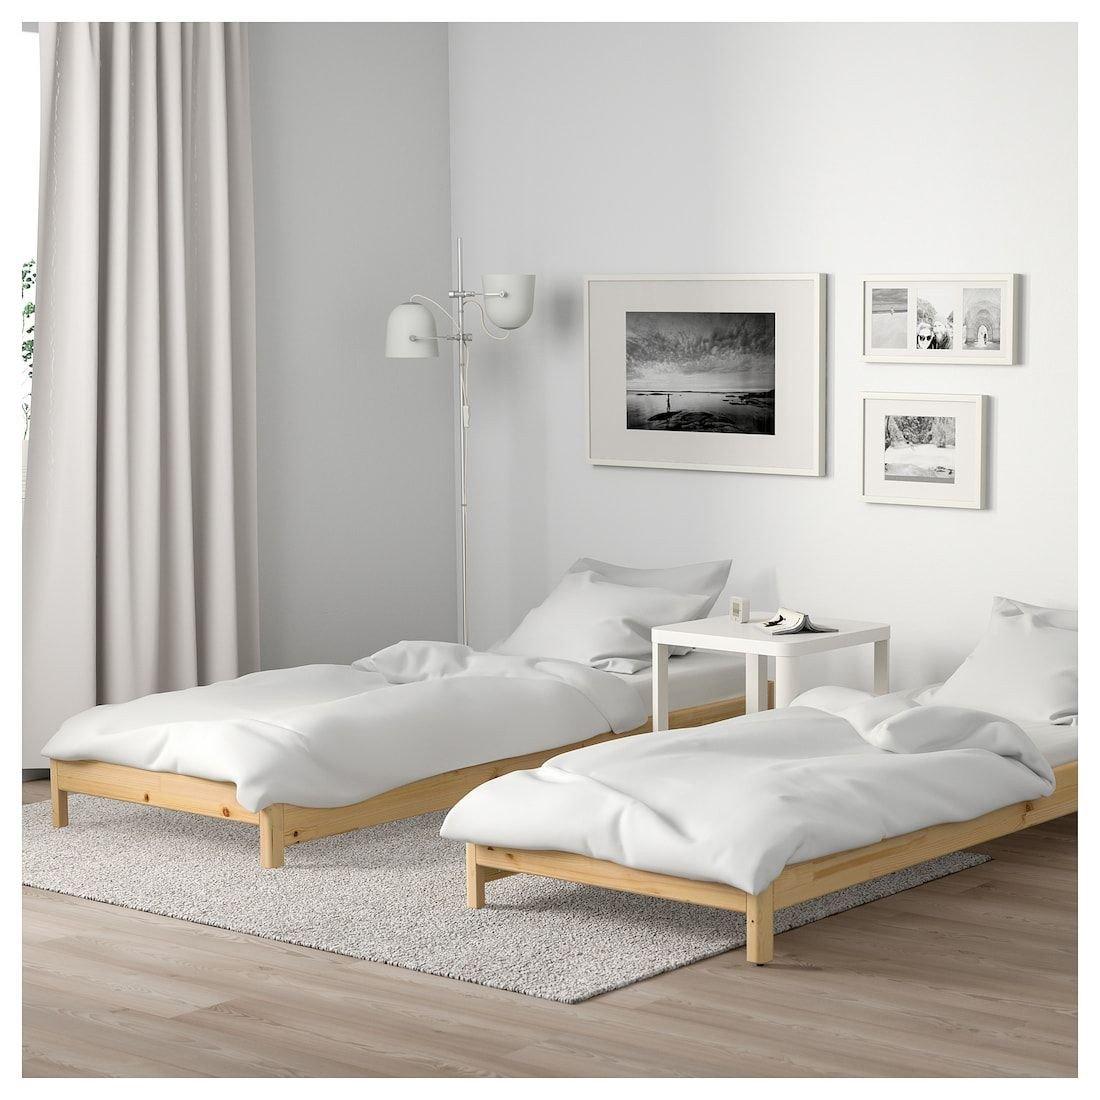 Twin Bedroom Set Ikea Best Of Ut…ker Stackable Bed with 2 Mattresses Pine Husvika In